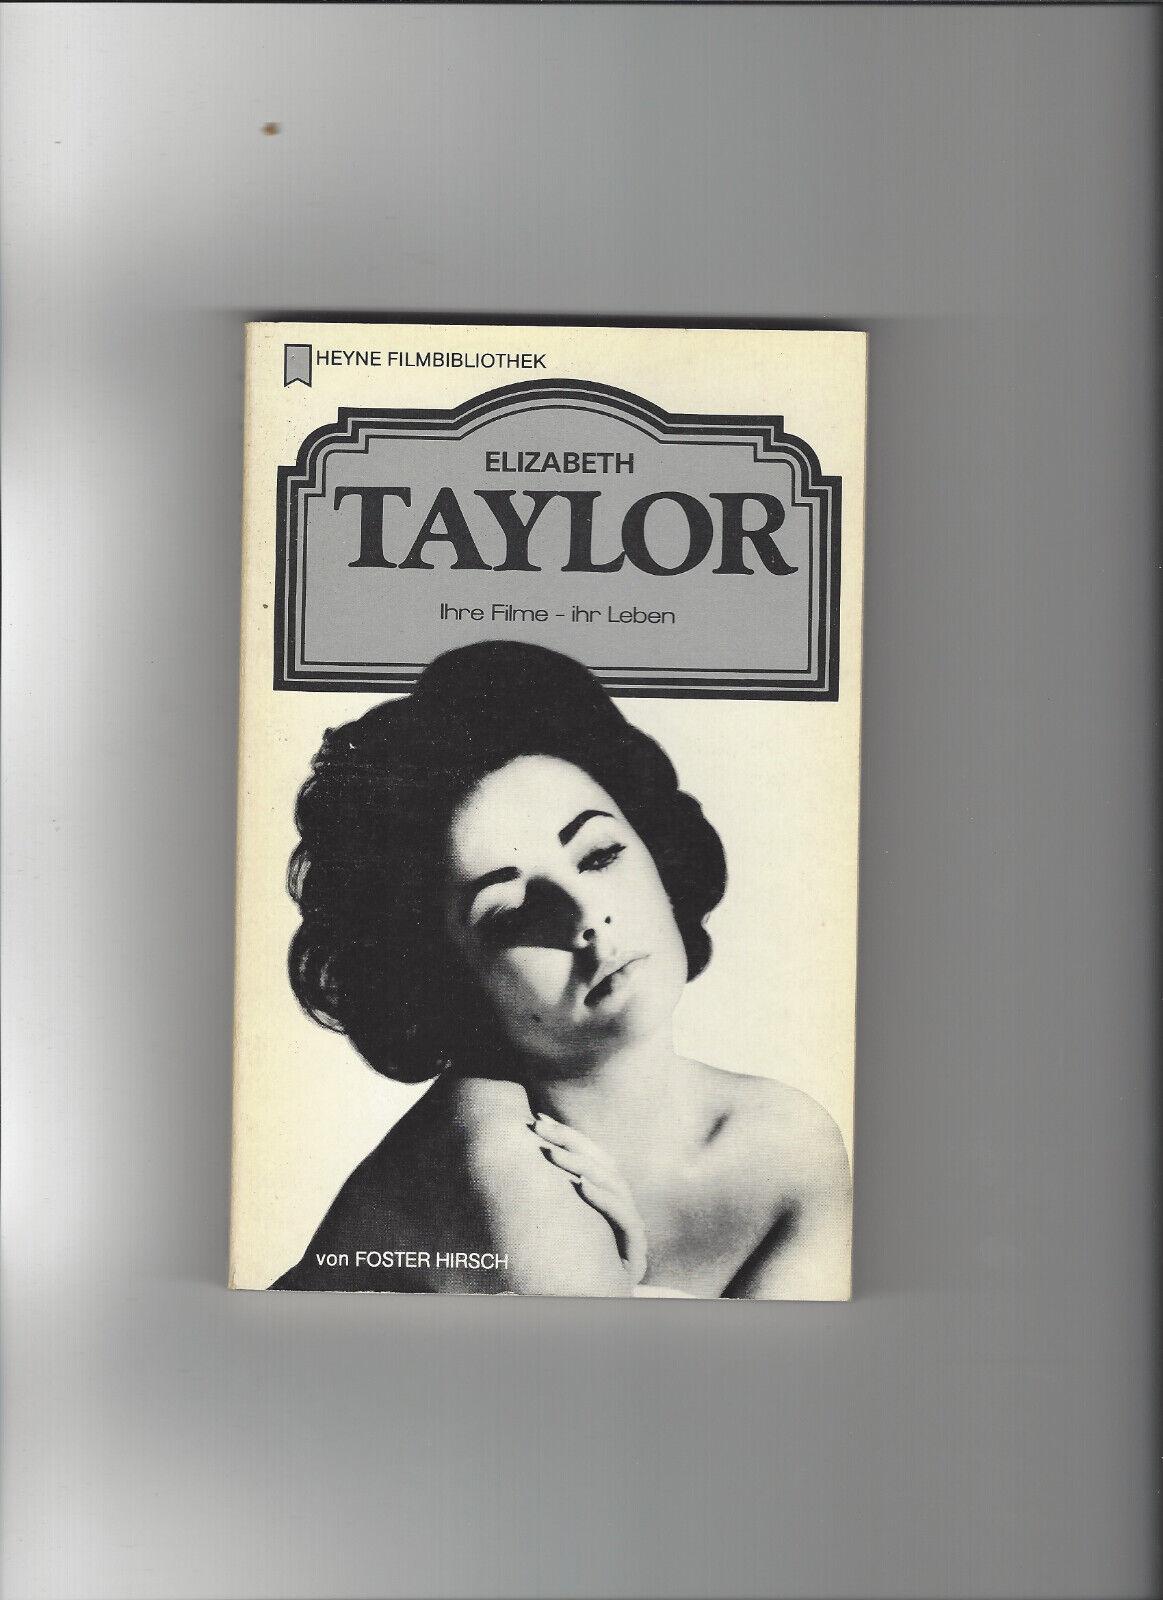 heyne filmbibliothek Elizabeth Taylor, Ihre Filme - ihr Leben